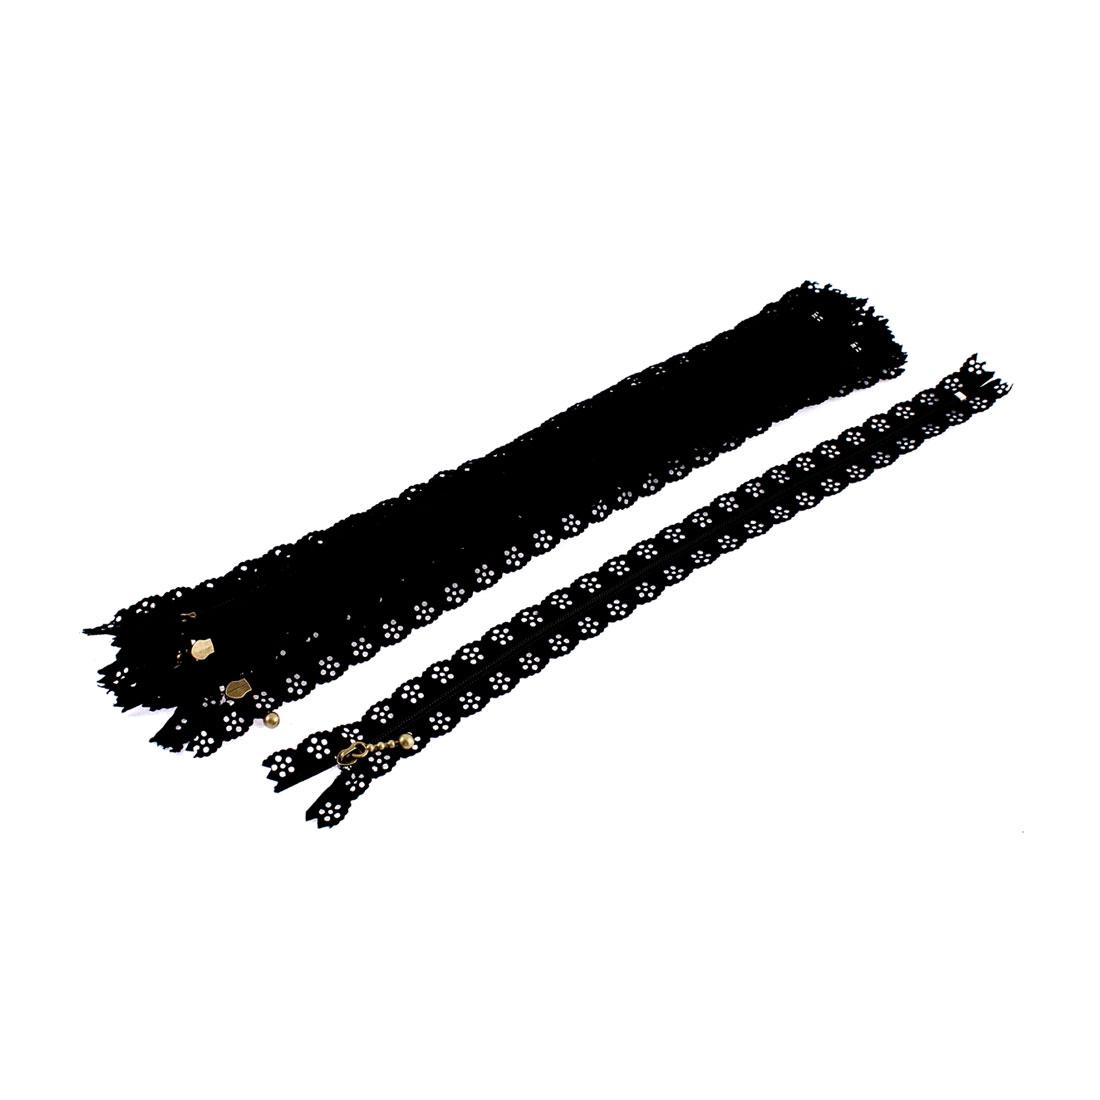 10 Pcs Black Lace Edged Zip Closed End Zipper 30cm Long